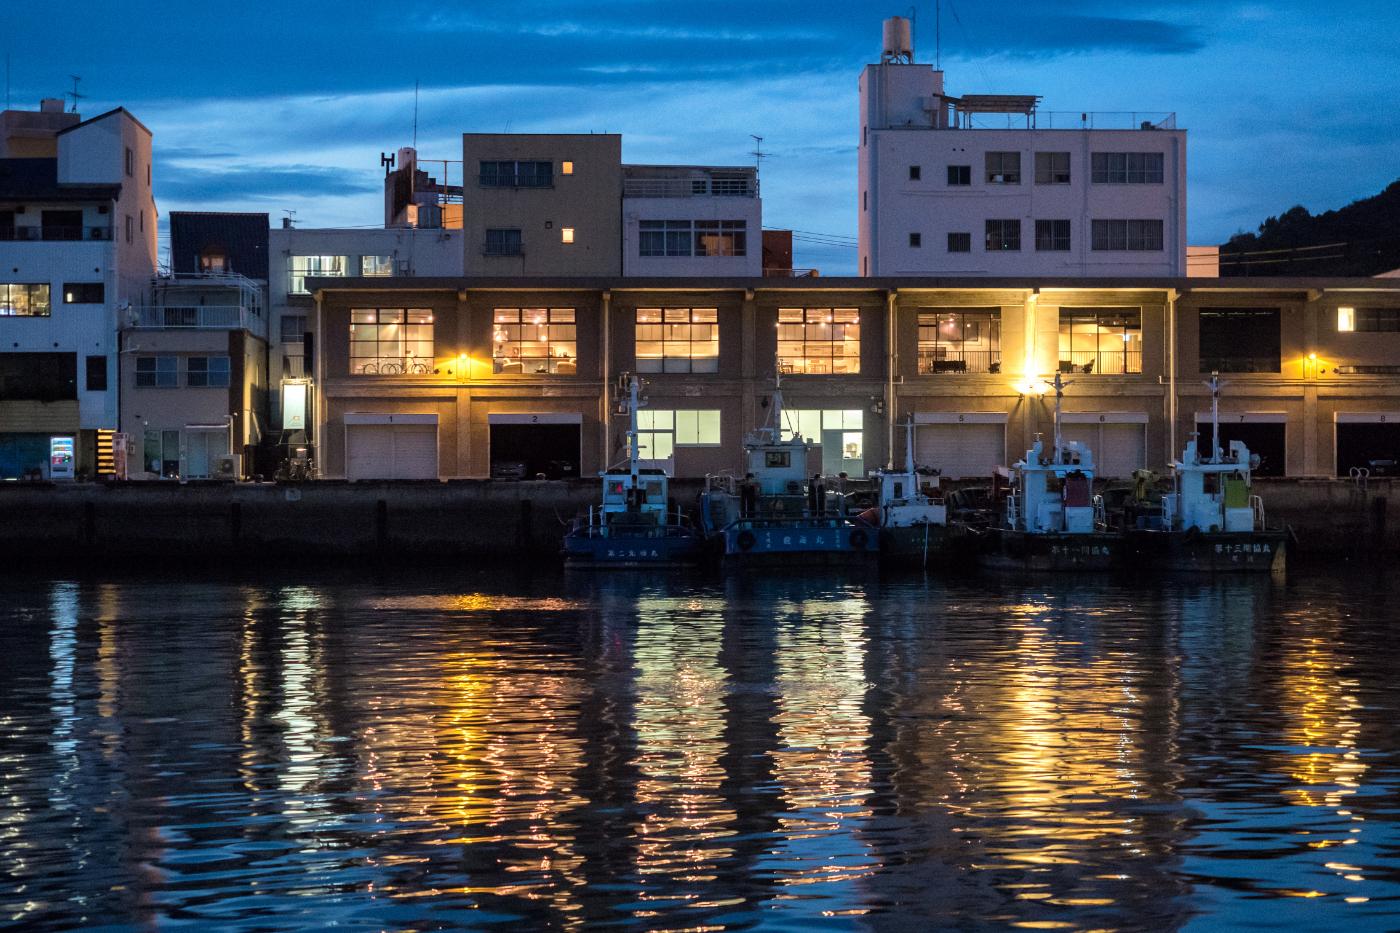 尾道水道からの眺め。会員の方は夜も利用可能。